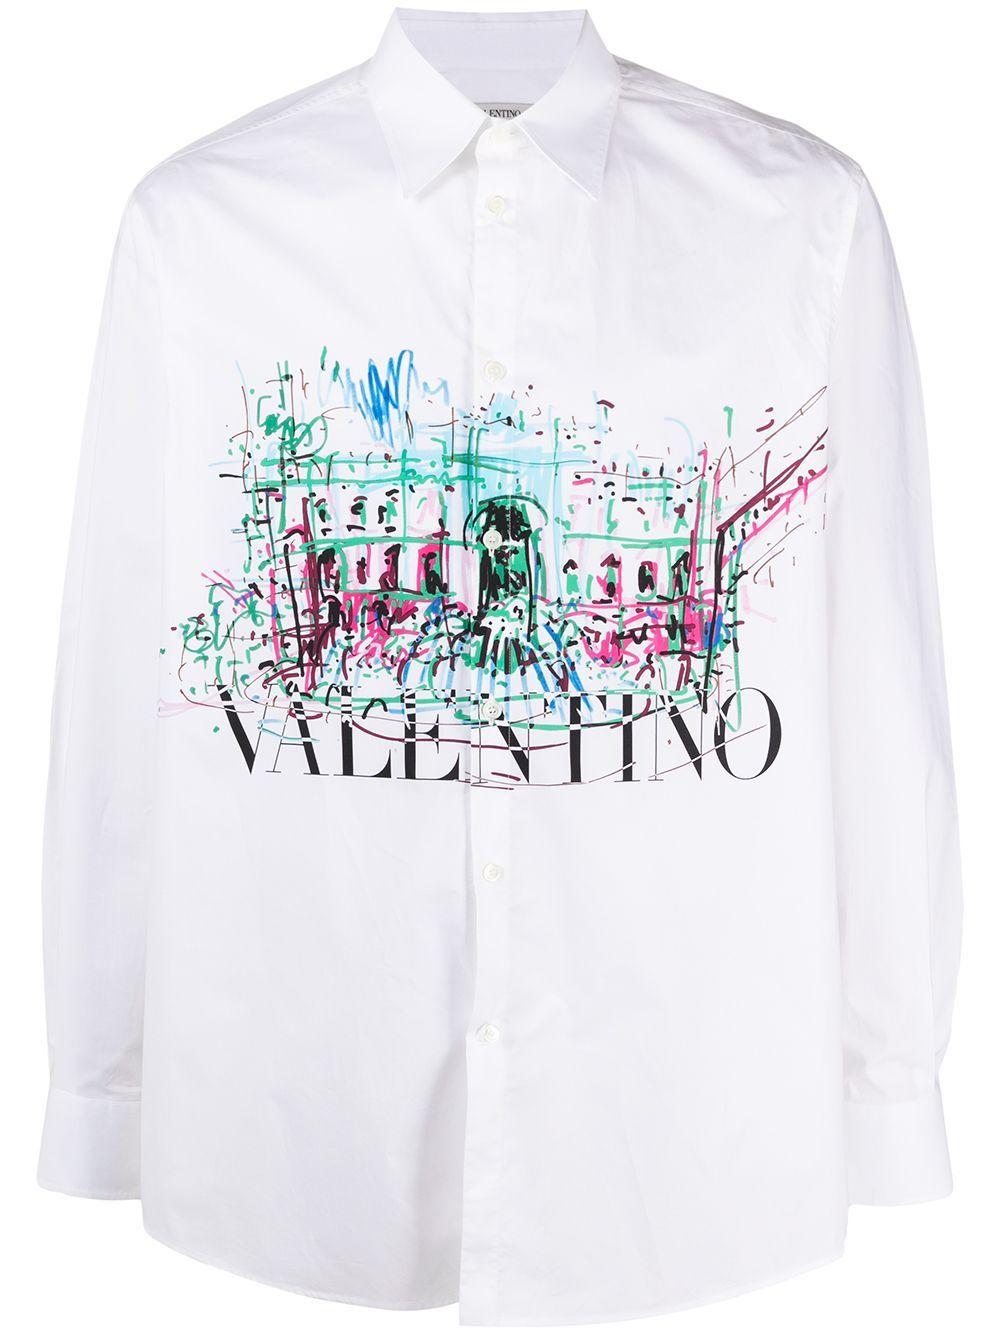 Valentino VALENTINO MEN'S WHITE COTTON SHIRT